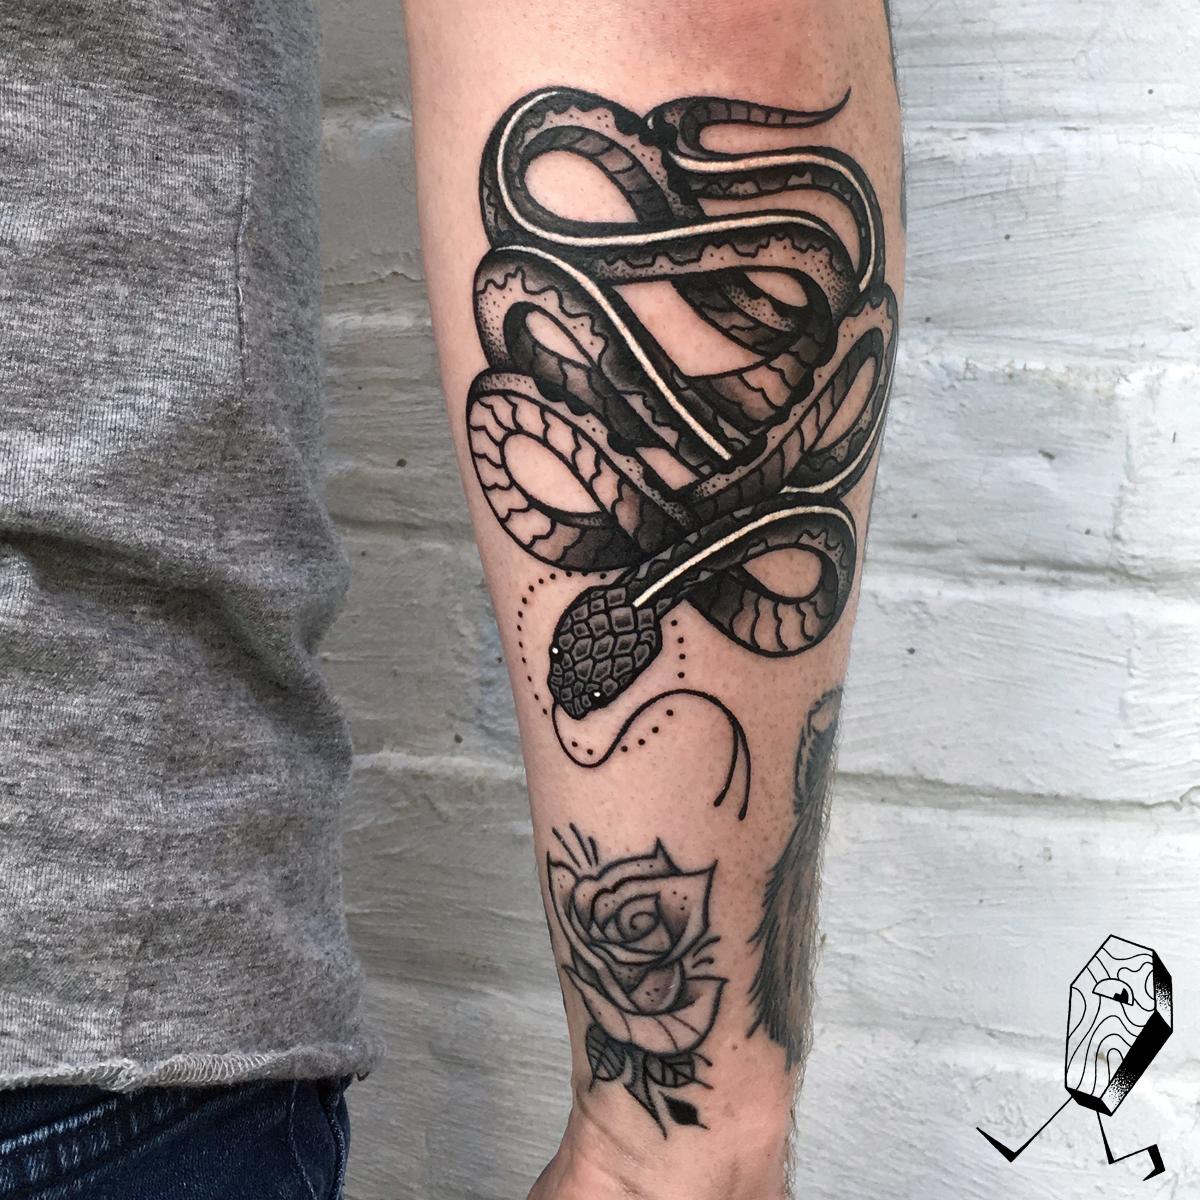 mat-blackwork-snake-dedleg-tattoo2.jpg